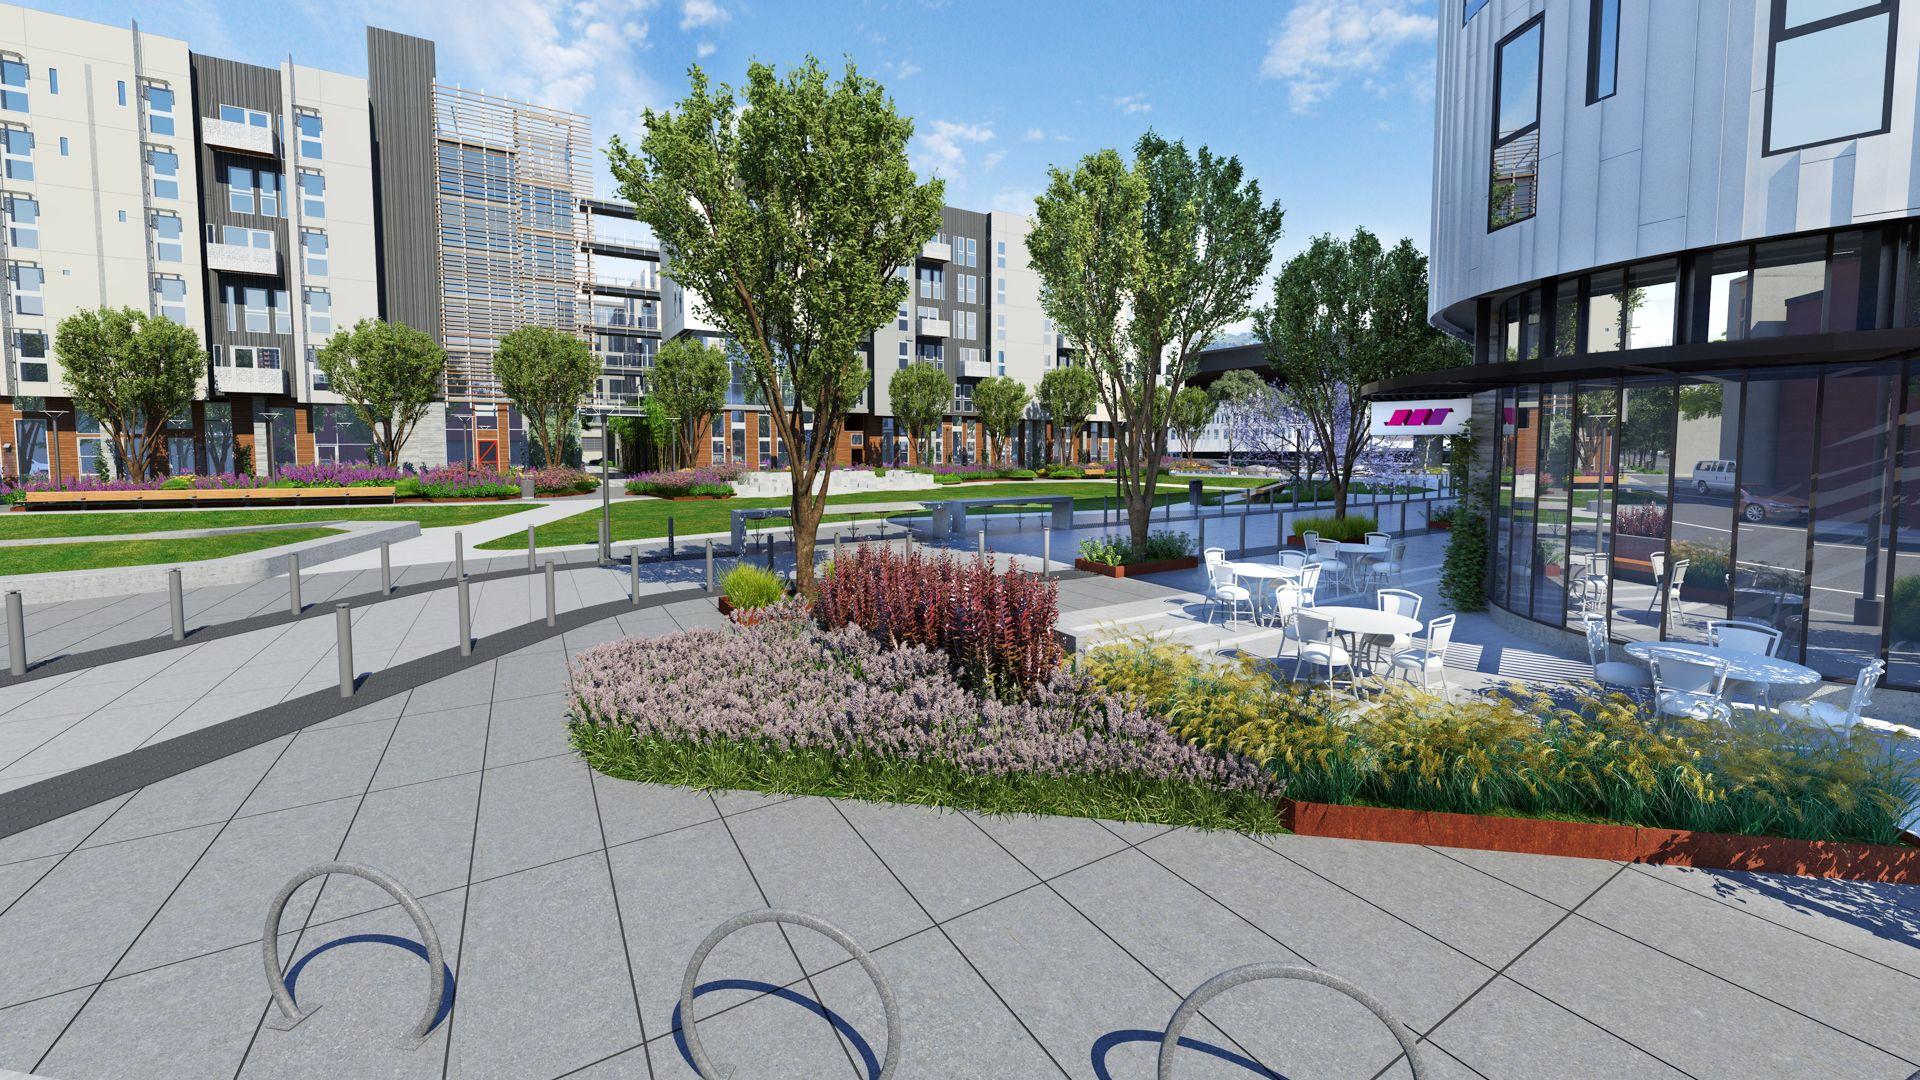 Potrero 1010 Apartments - Daggett Park